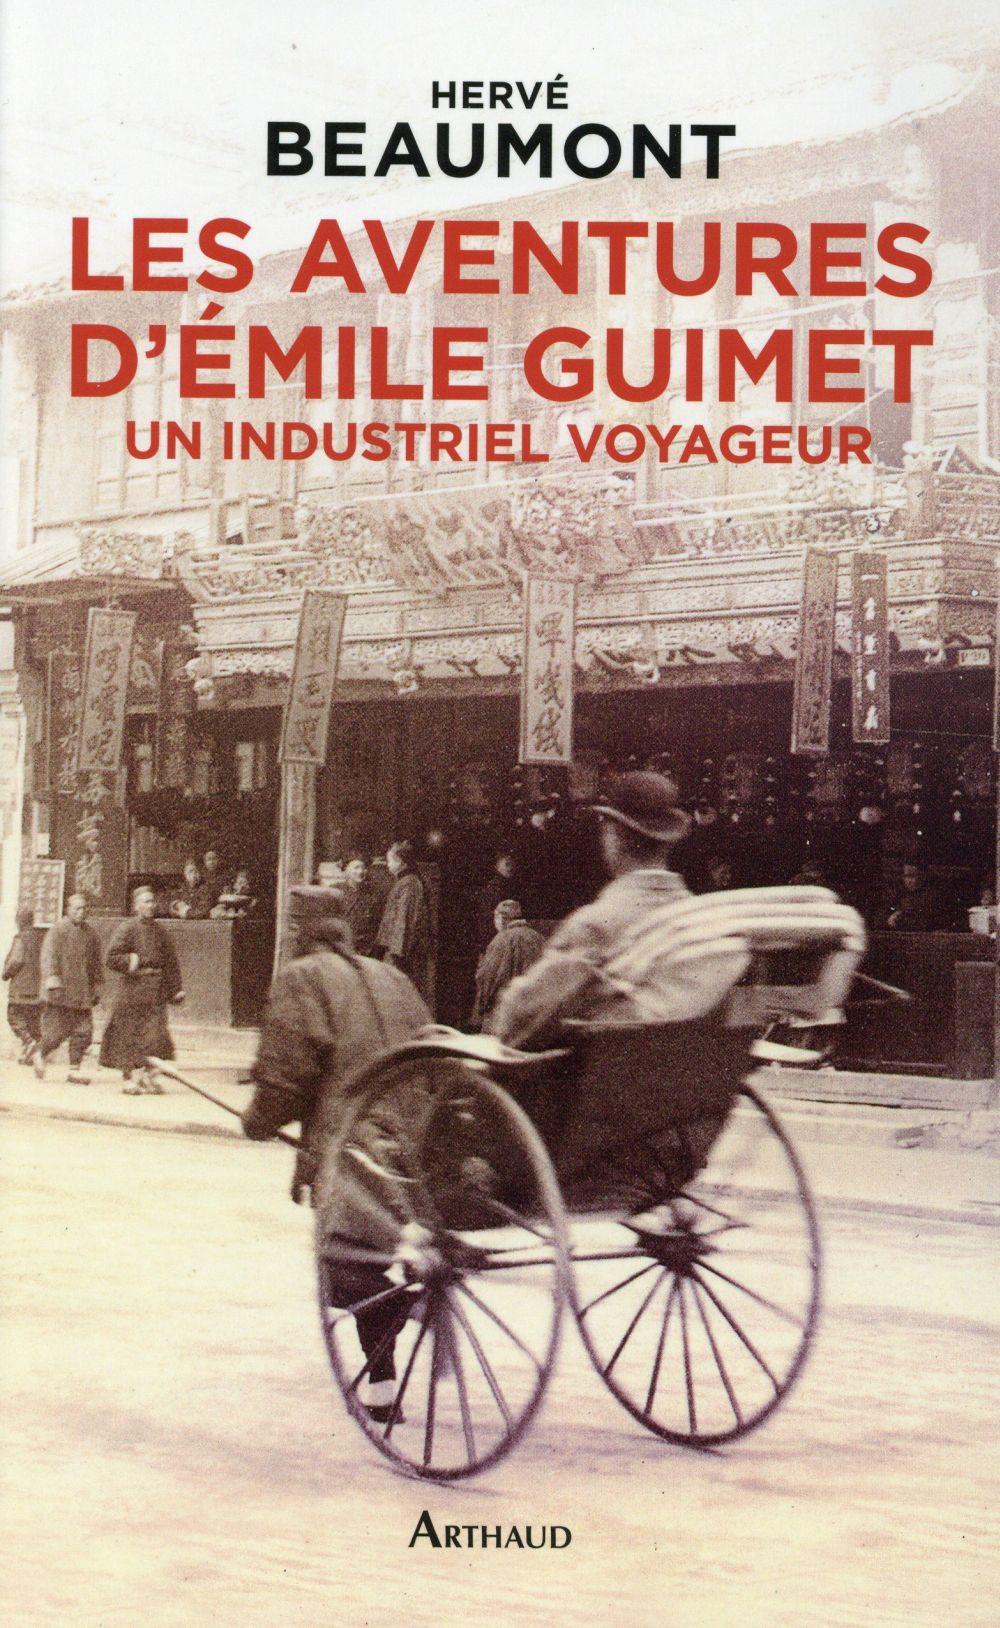 Les aventures d'Emile Guimet ; un industriel voyageur